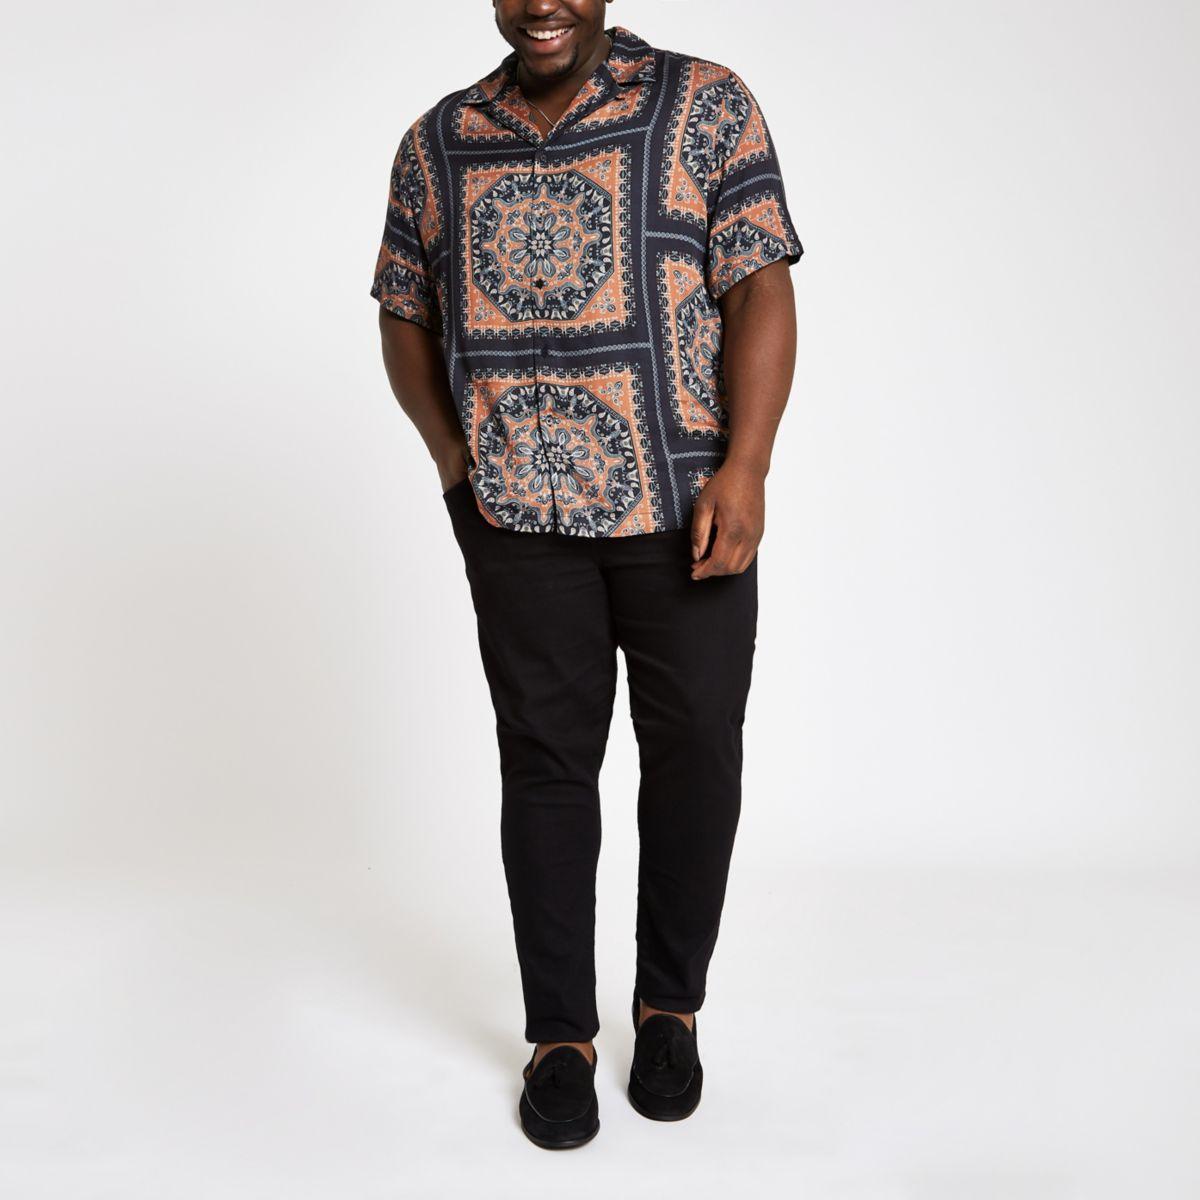 Big & Tall black scarf print button up shirt